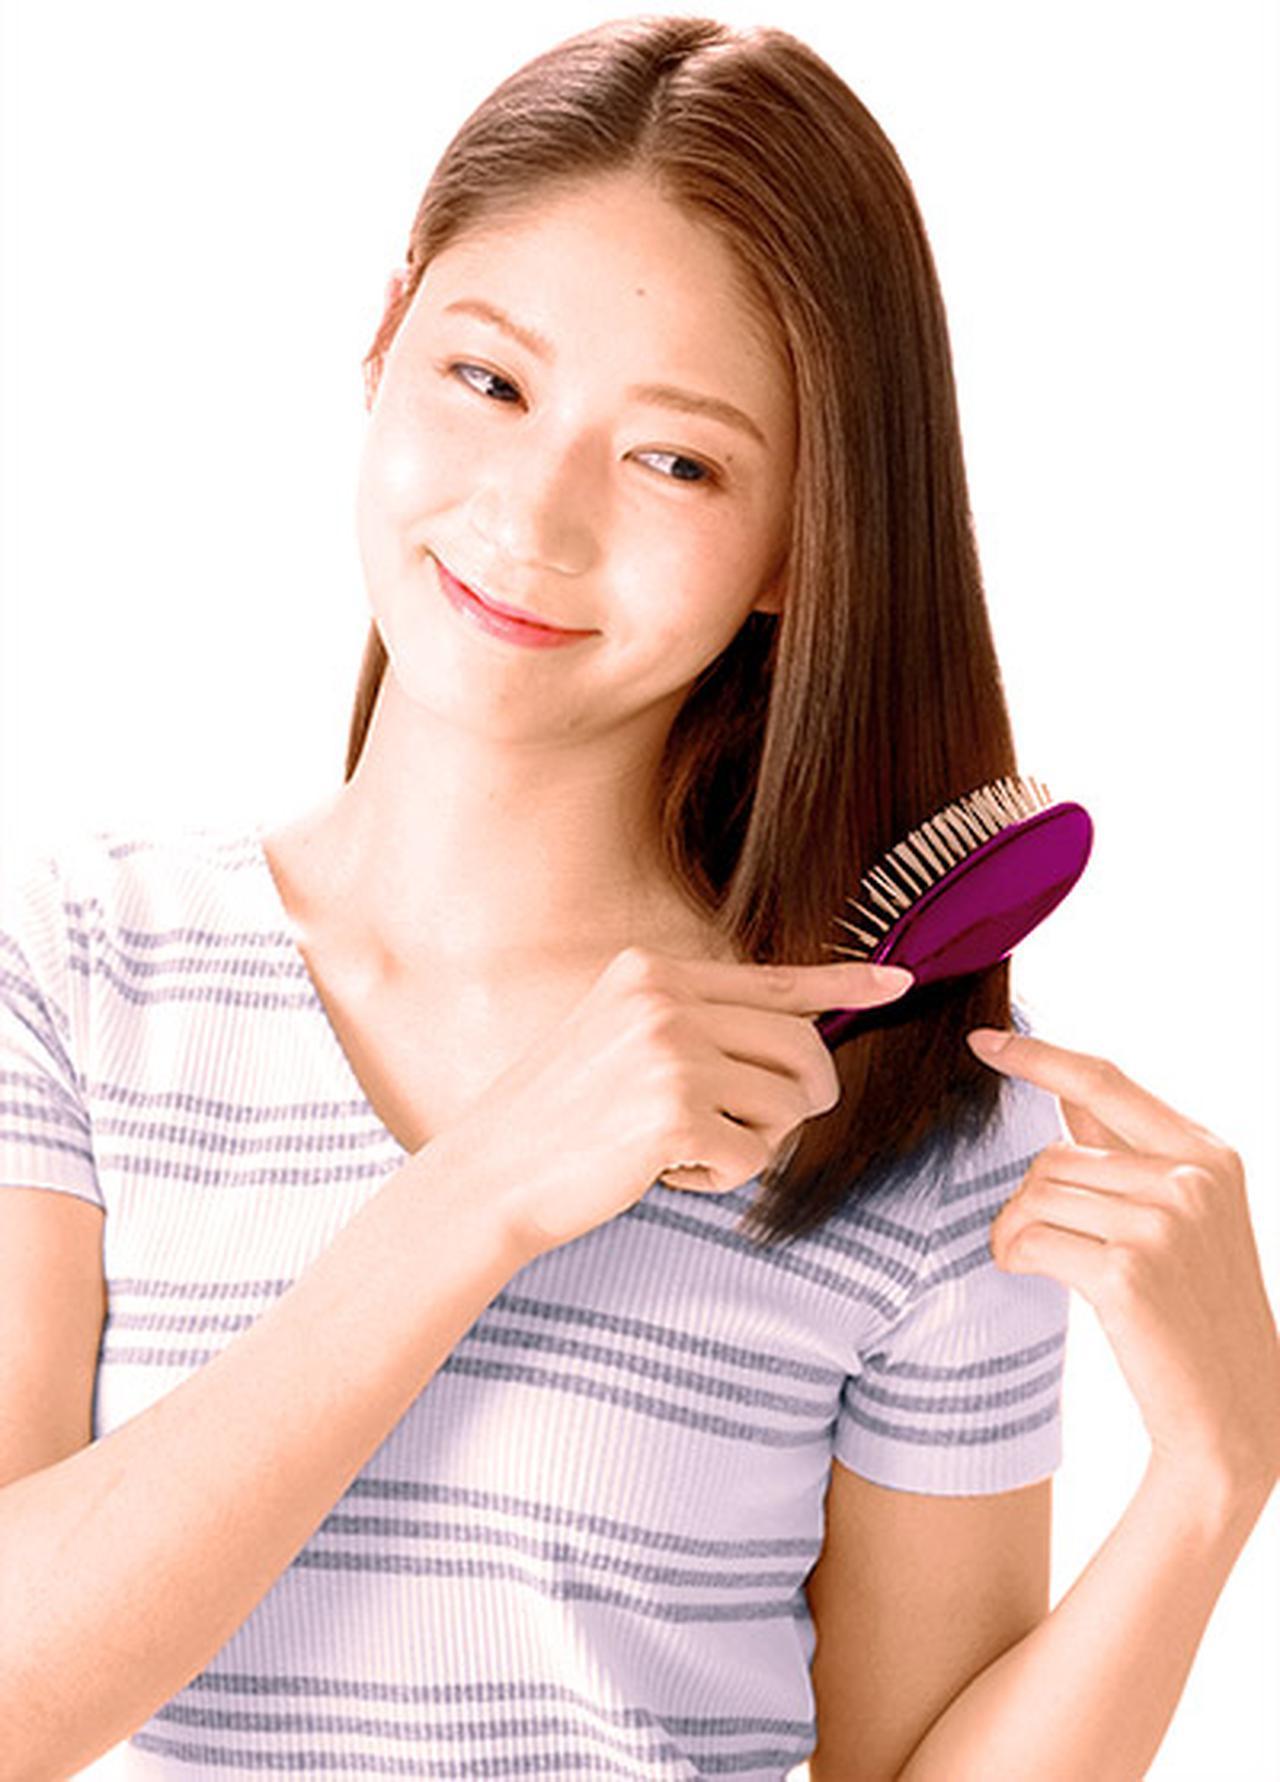 画像1: 【酢リンスのやり方】美髪効果を期待するなら「黒酢」がおすすめ!